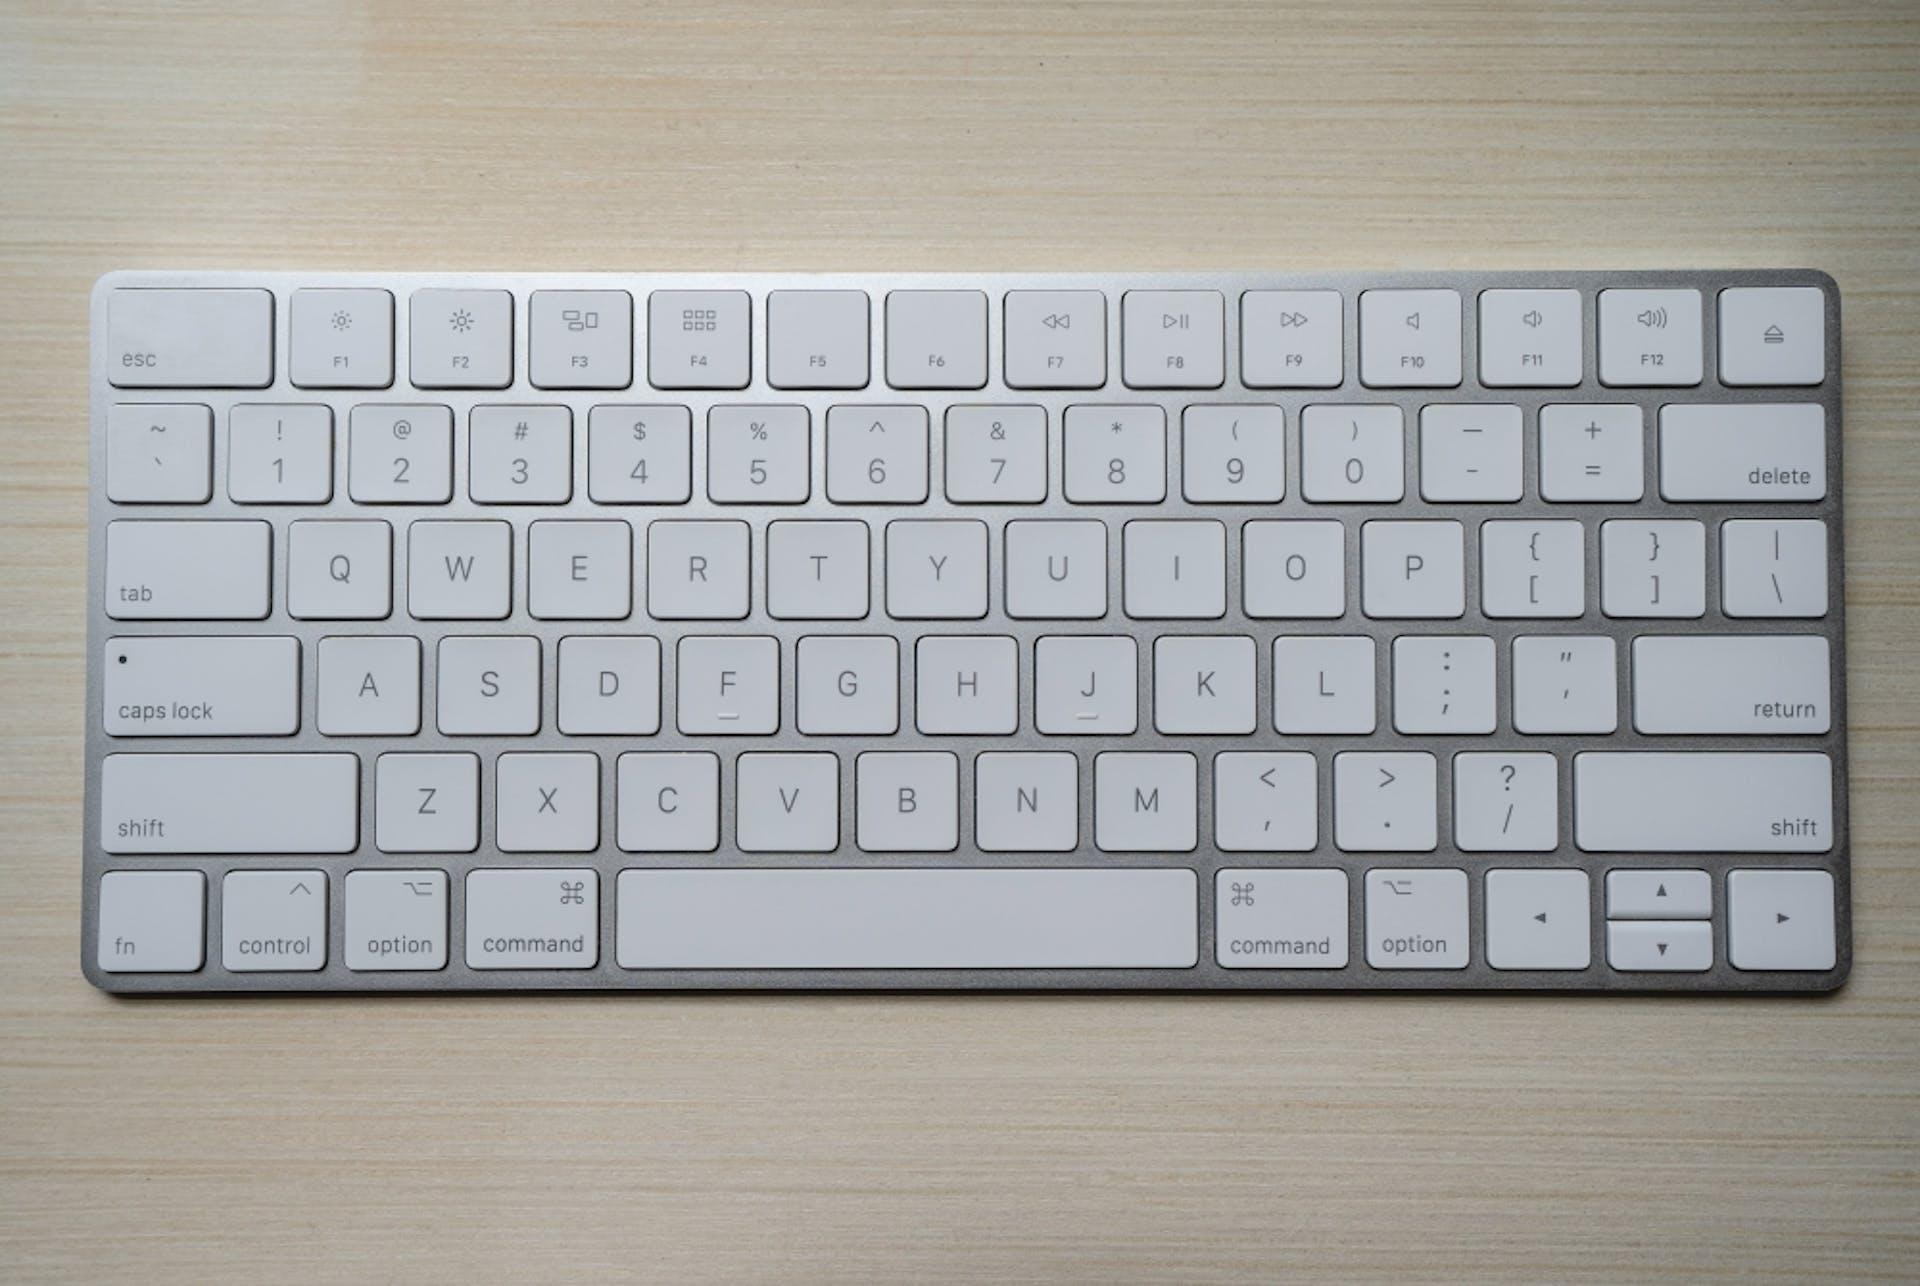 Aprende cómo poner acentos en tu laptop y despreocúpate de los teclados internacionales.